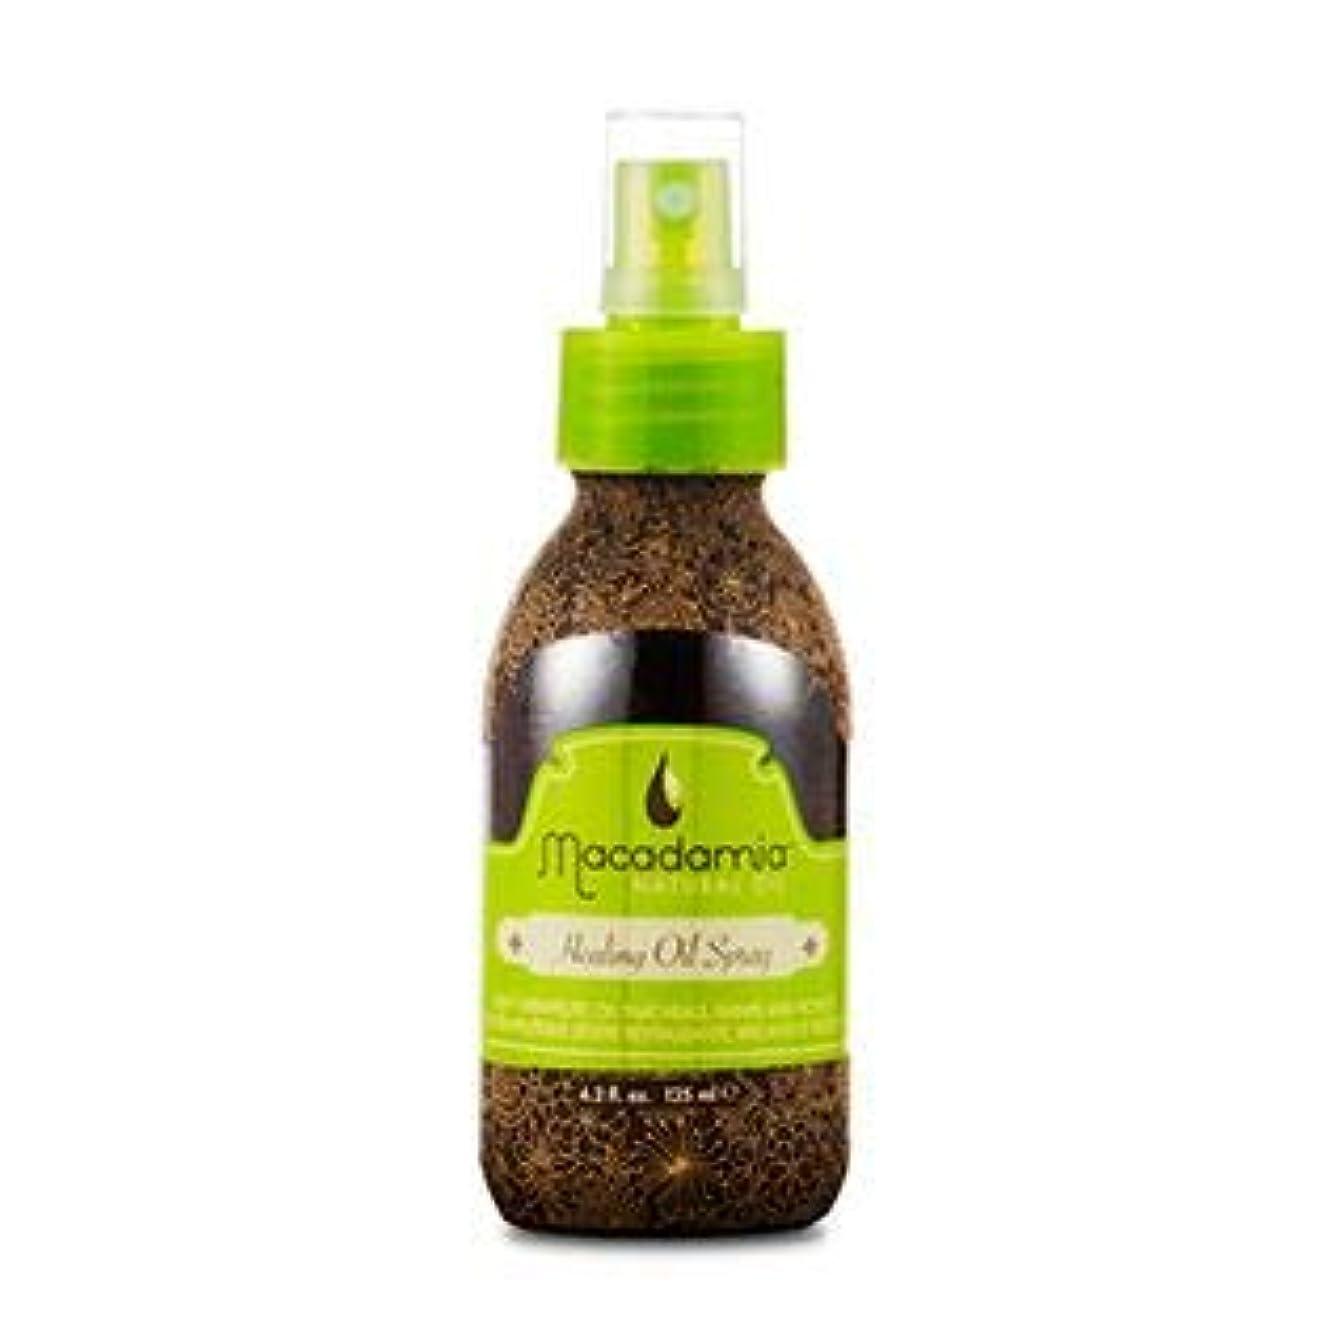 畝間排泄するジャングルマカダミア ナチュラルオイル(Macadamia NATURAL OIL) MNO オイルスプレー [並行輸入品]